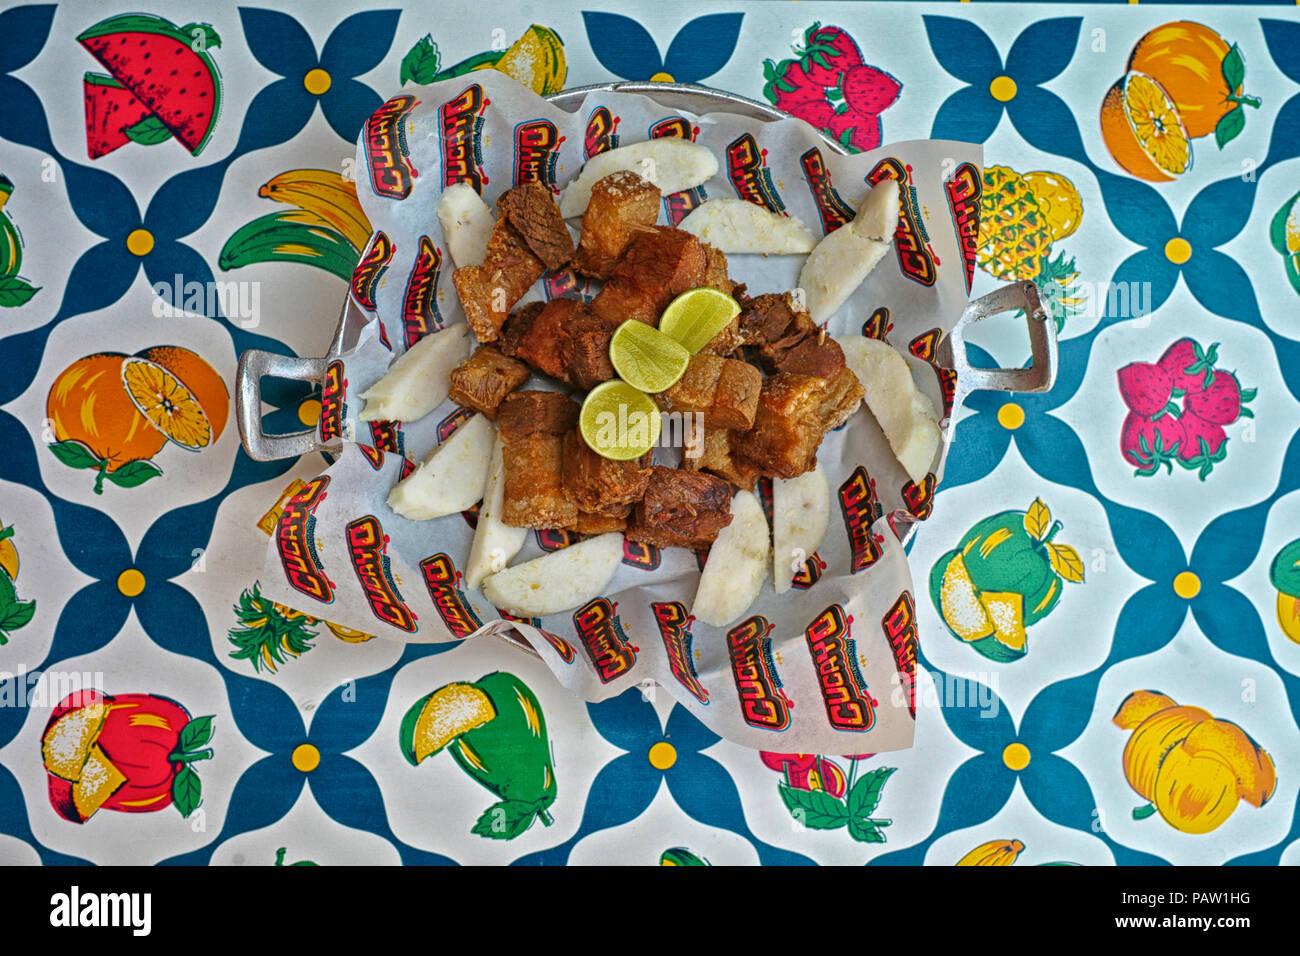 Corteza de cerdo colombiano, conocido localmente como chicharron, servidos con arepas. Cucayo restaurante es conocido por sus platos típicos del caribe costeño y diversión tropical y Foto de stock